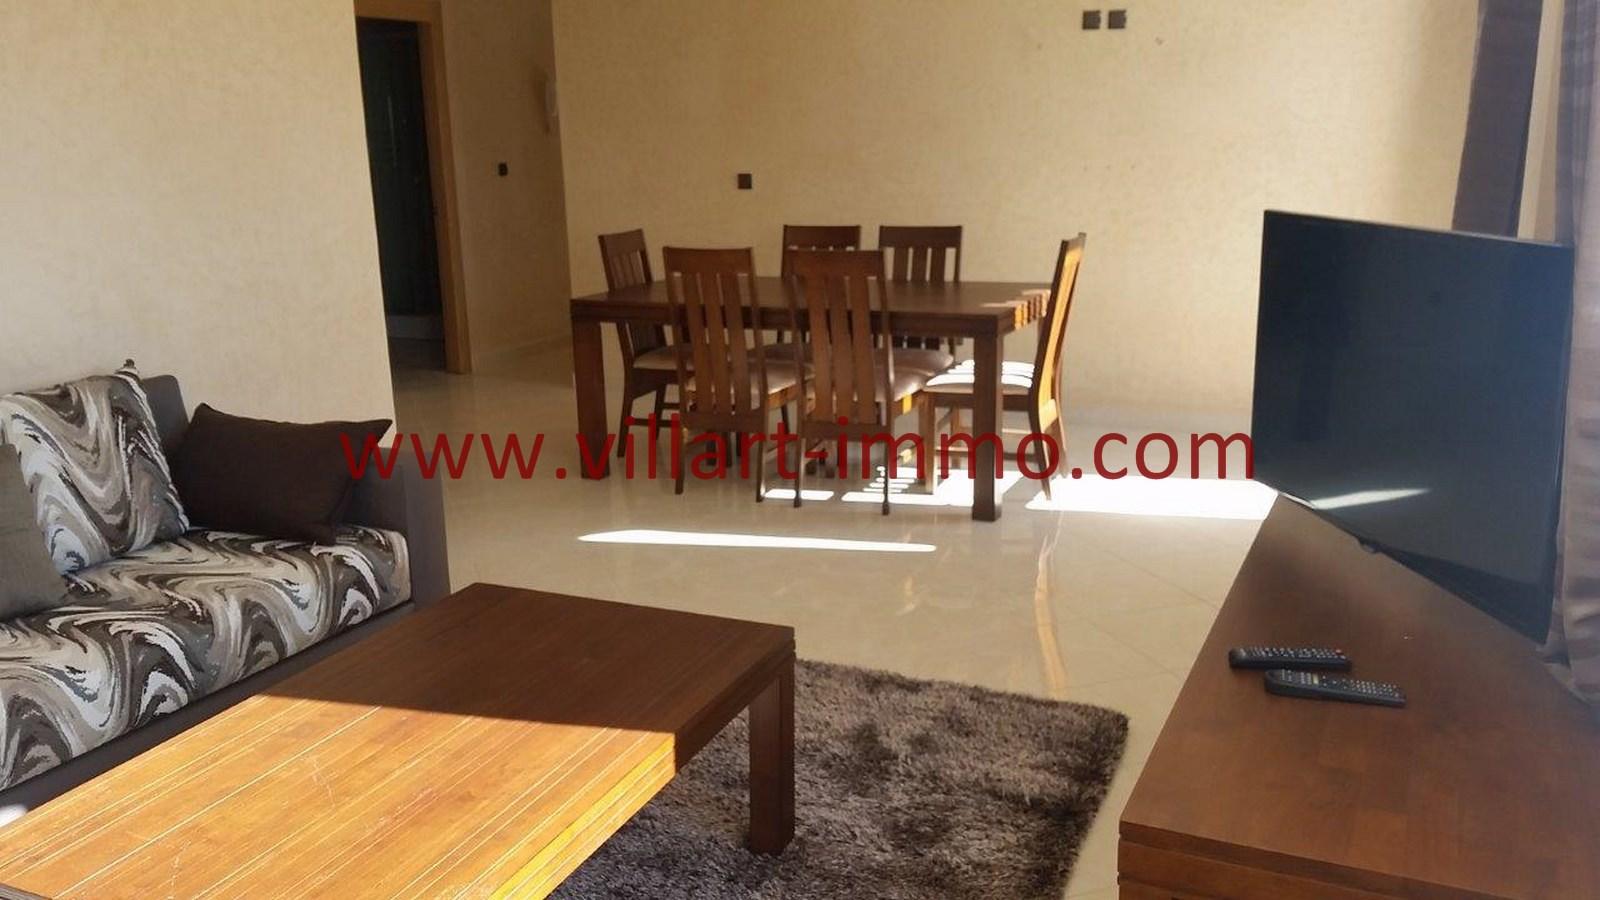 2-Location-Appartement-Meublé-Achakar-Tanger-Salle à manger-L831-Villart immo